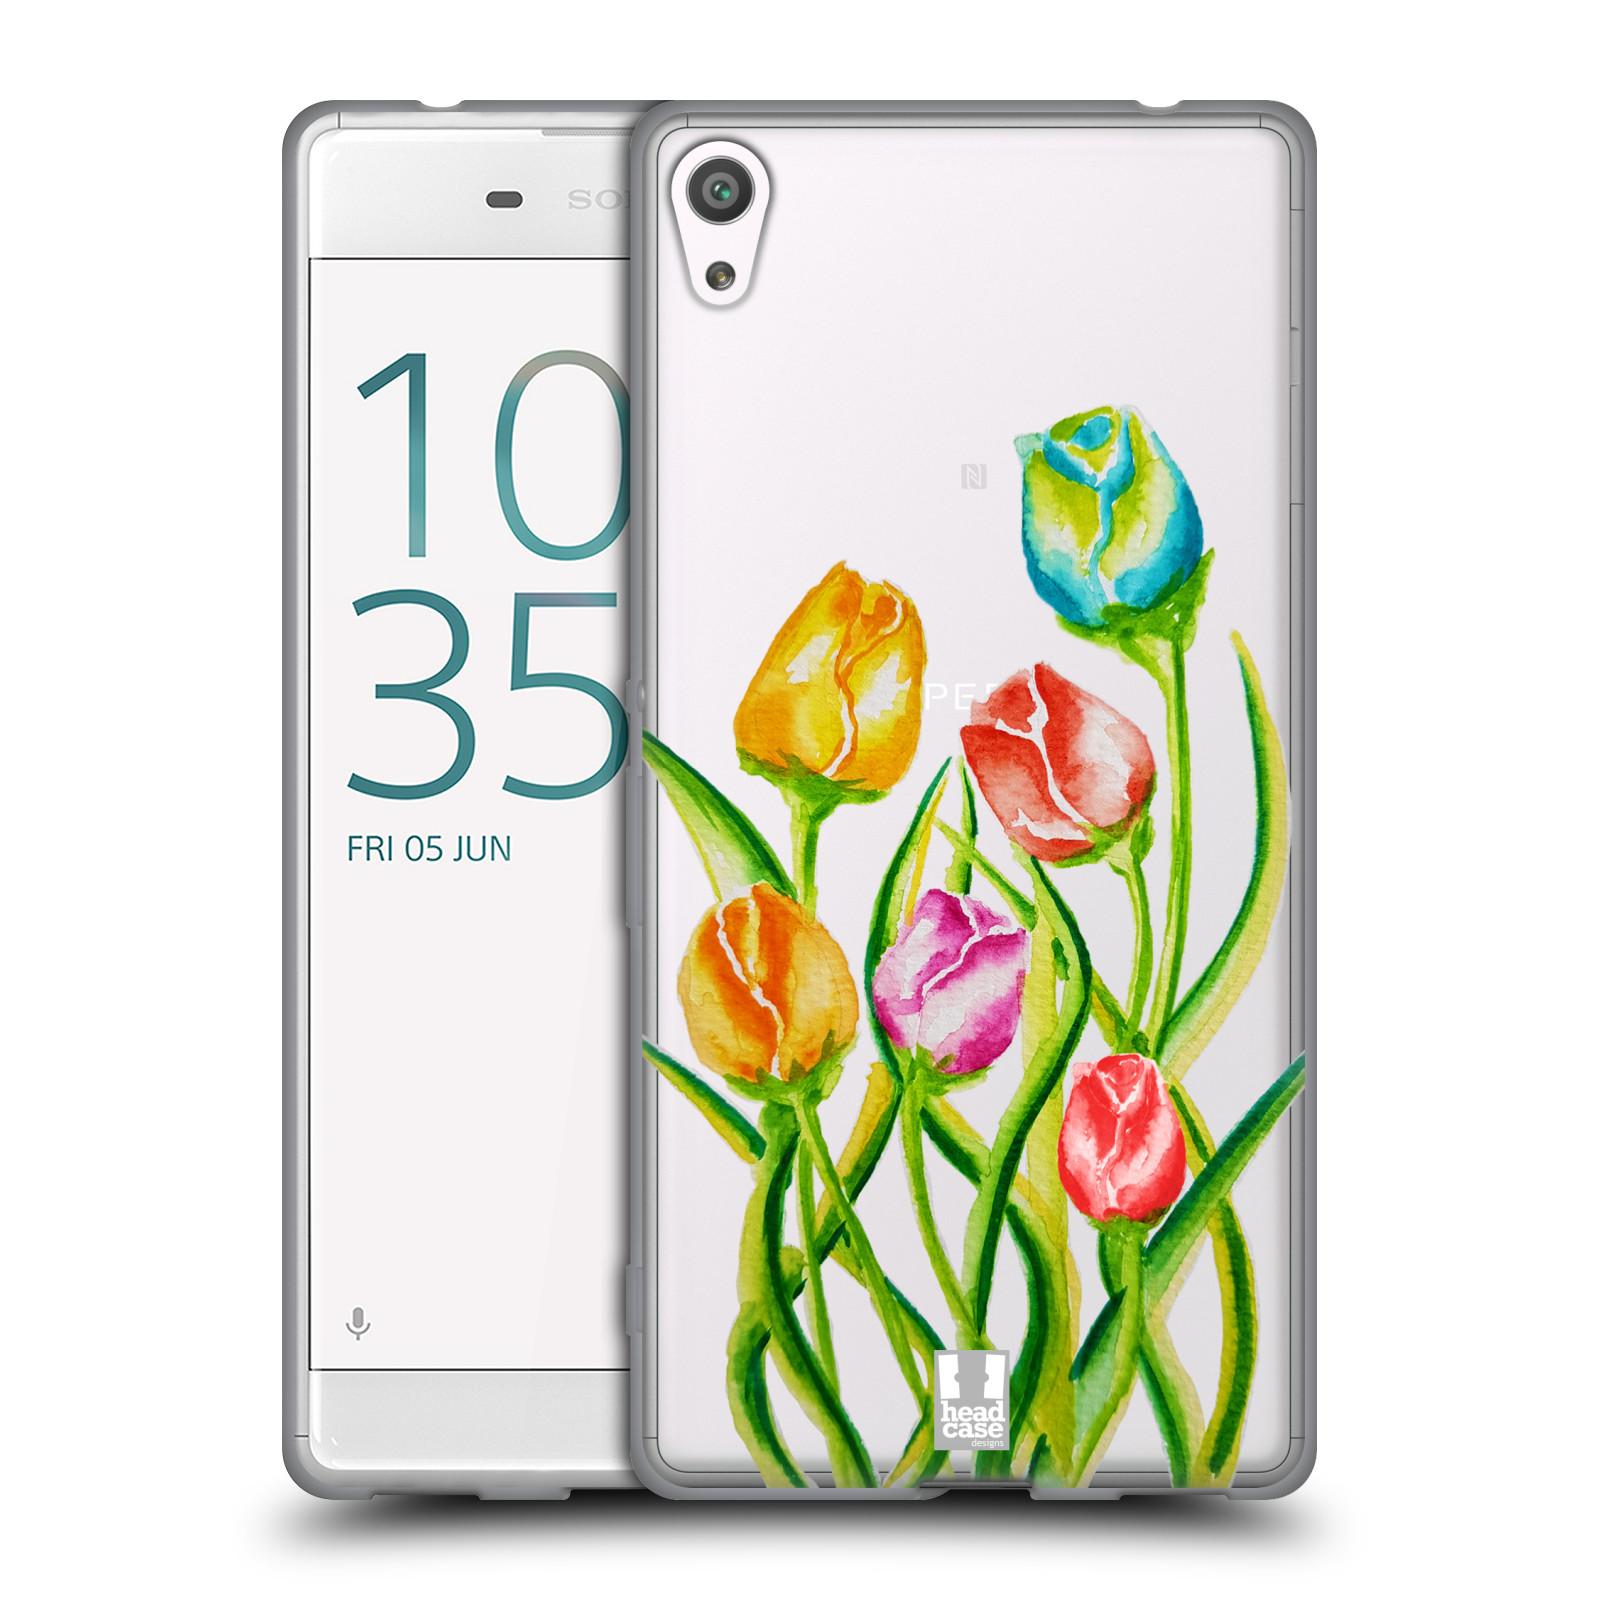 HEAD CASE silikonový obal na mobil Sony Xperia XA ULTRA Květina Tulipán vodní barvy